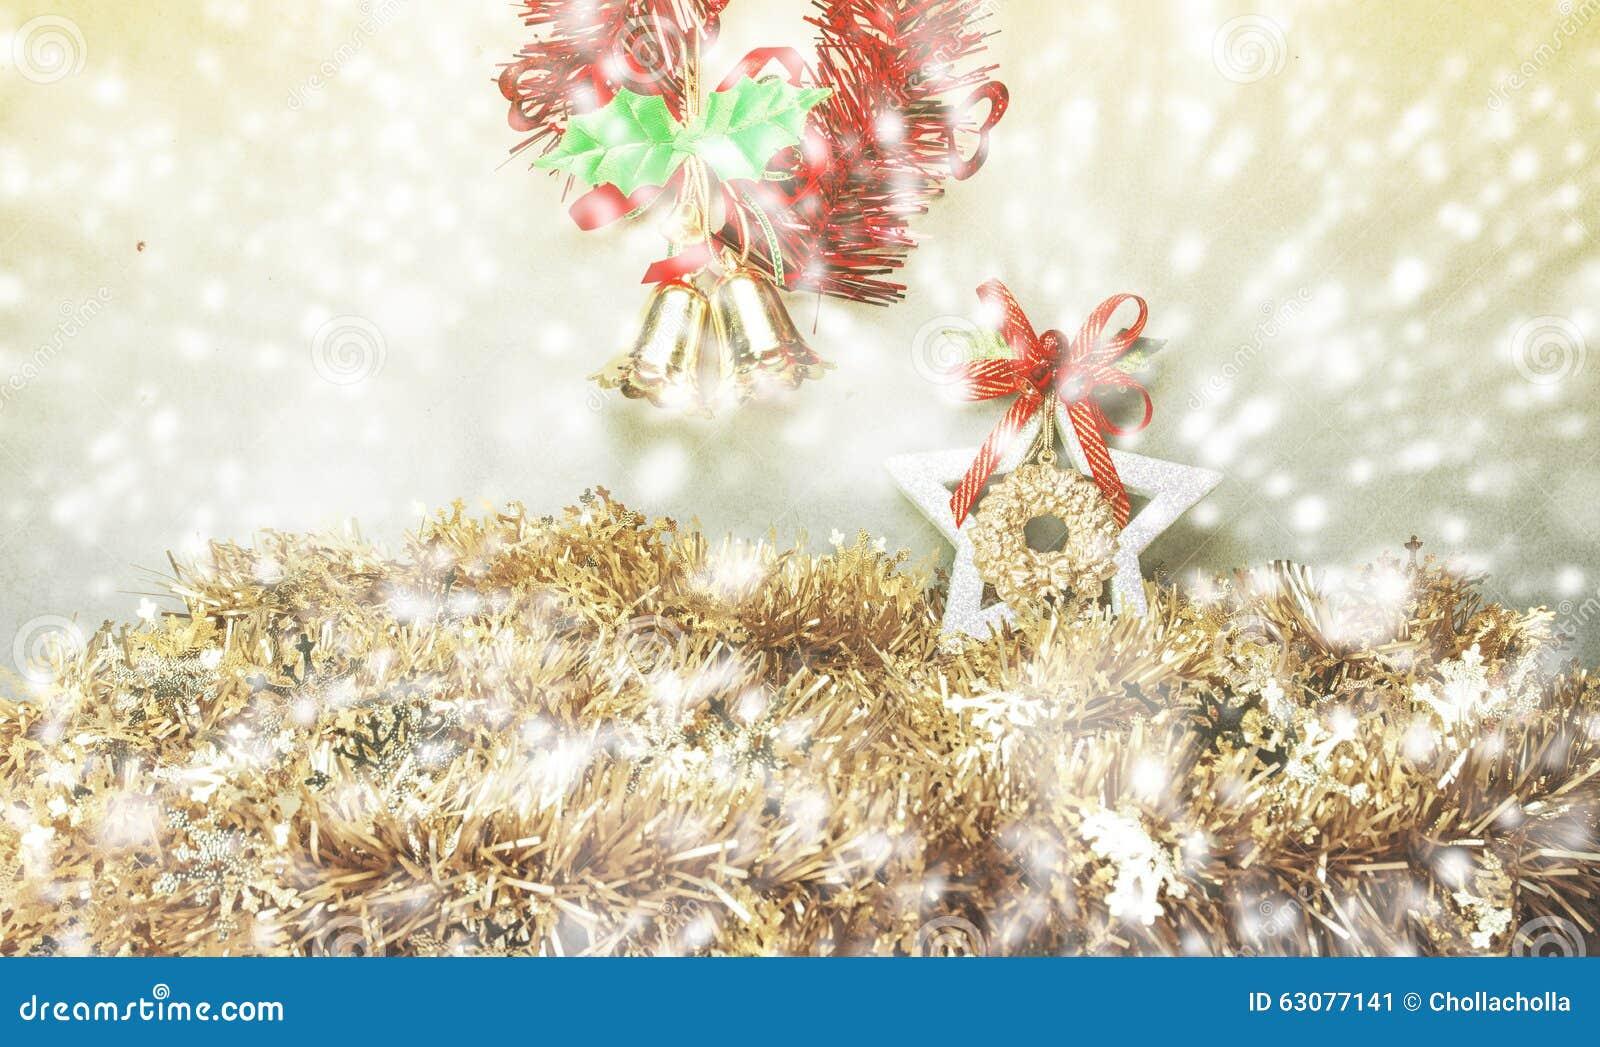 Download Fond De Tache Floue De Noël Image stock - Image du cloches, deer: 63077141